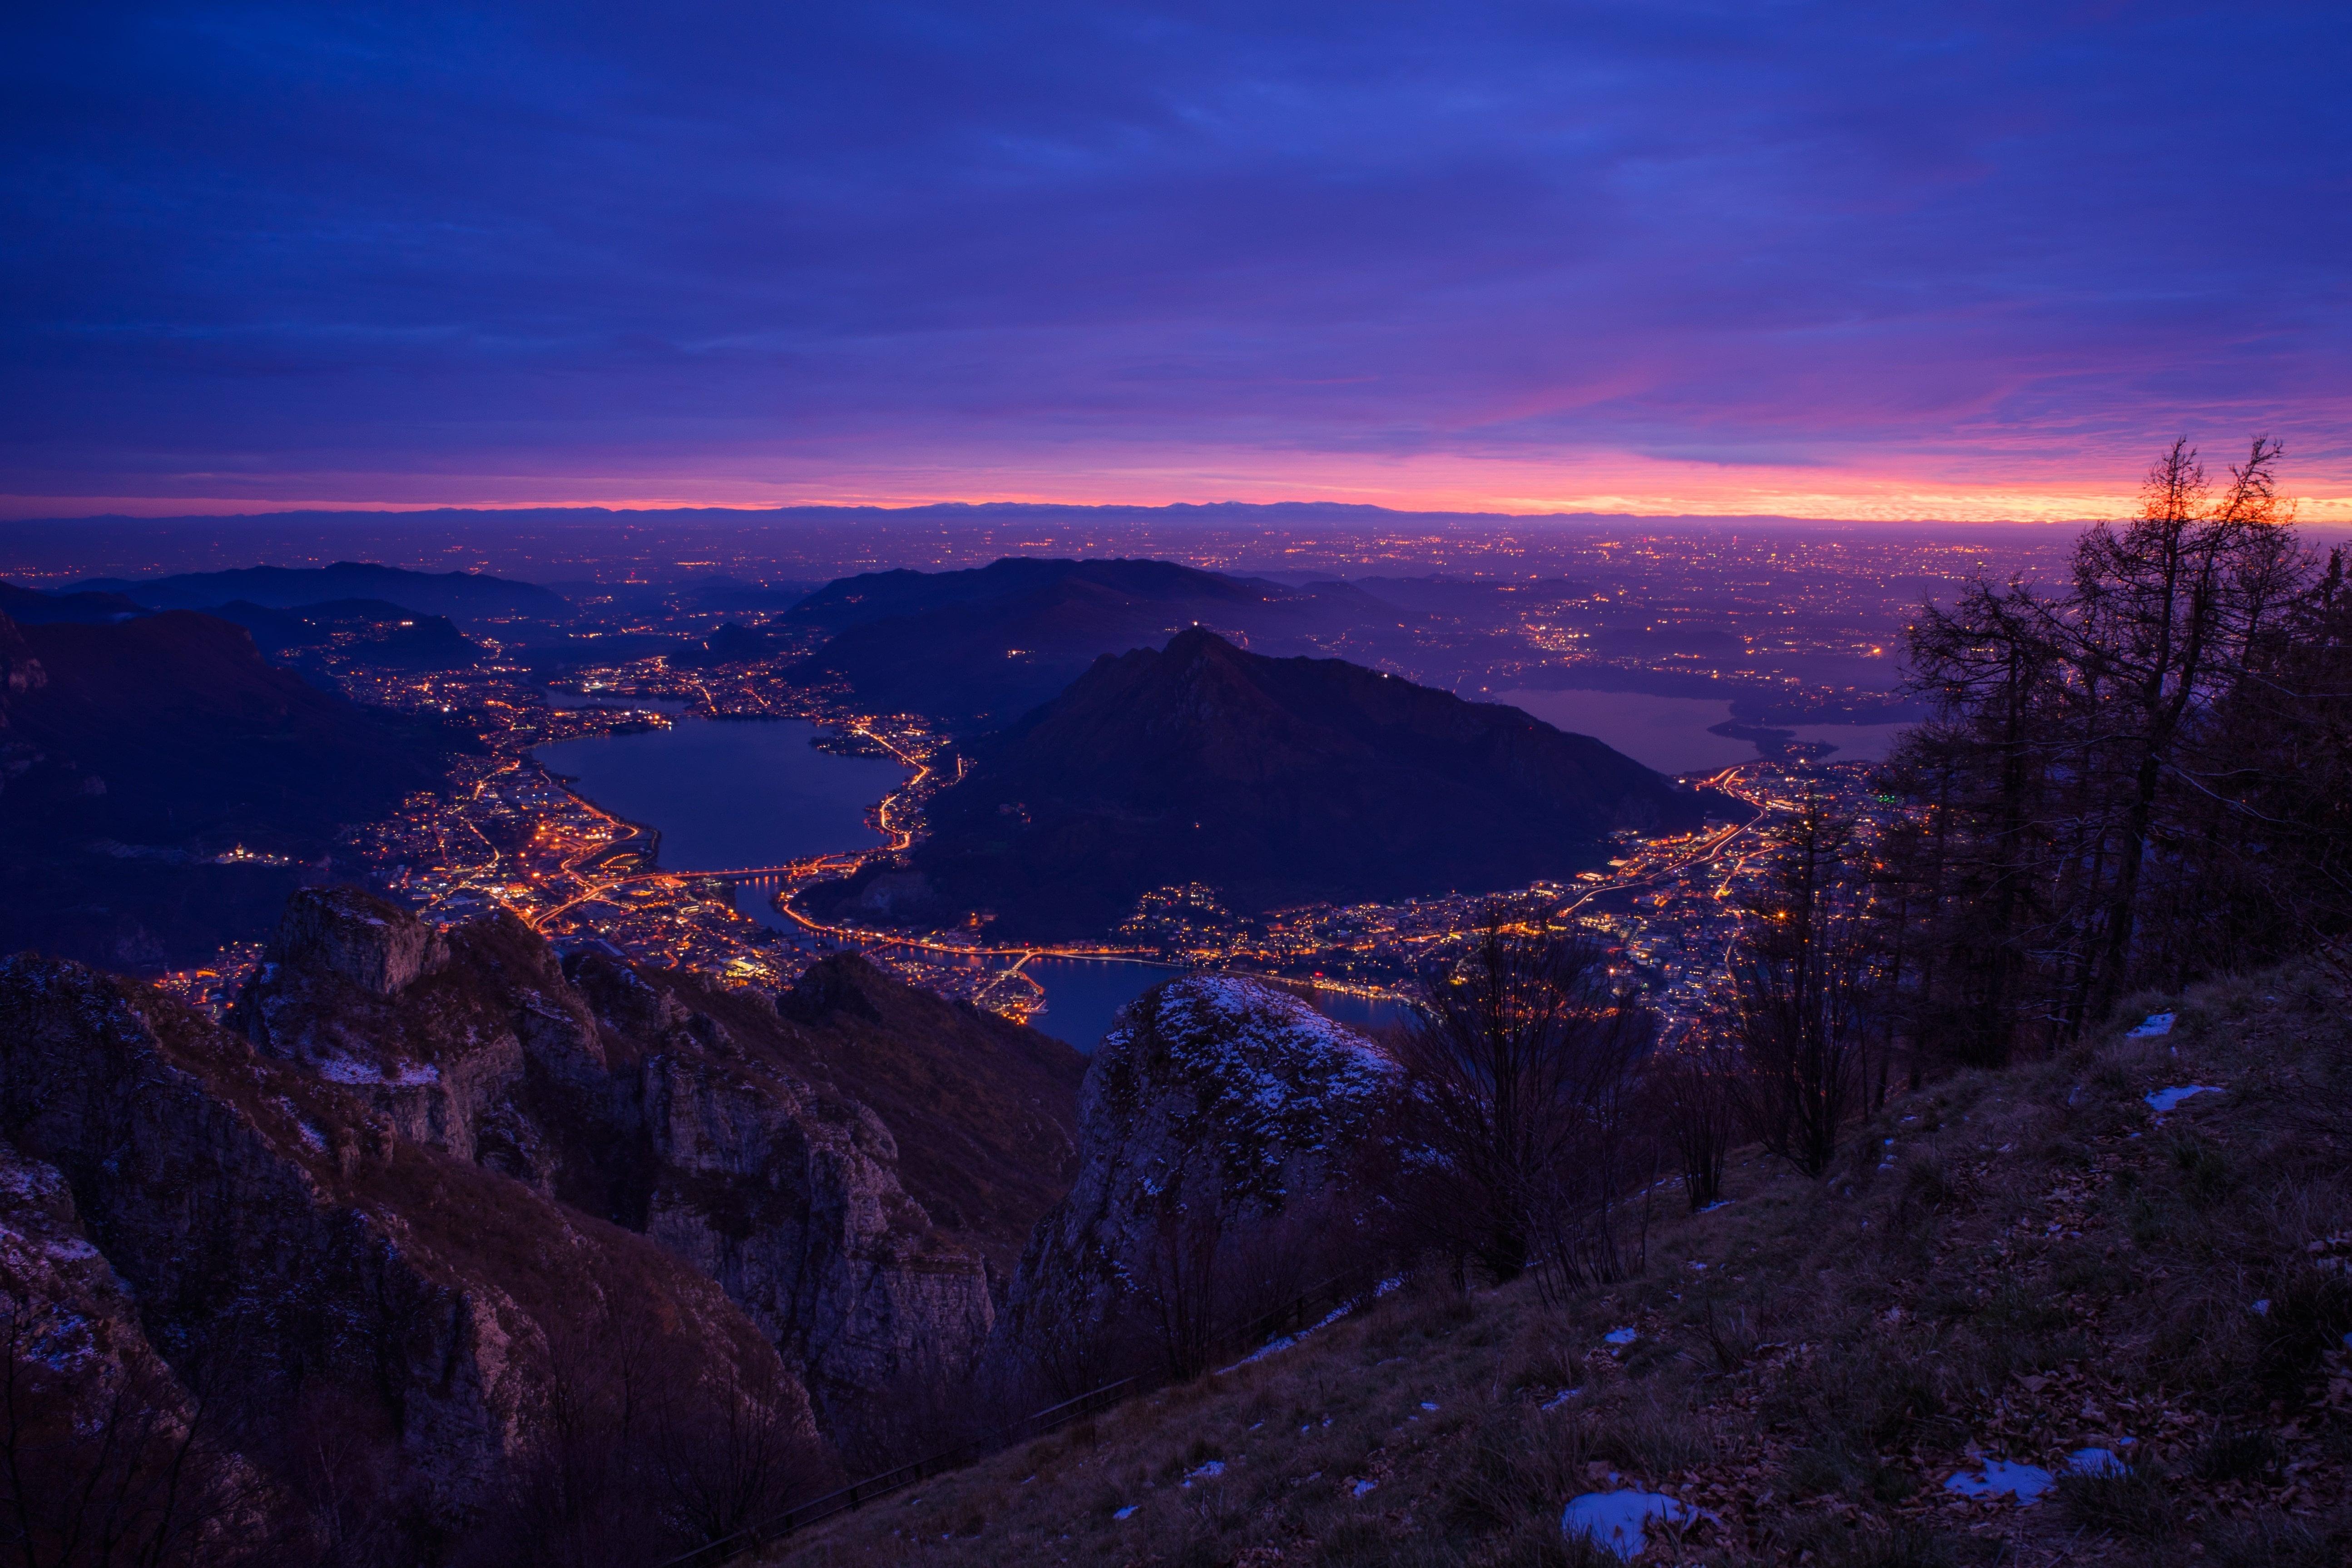 Comment réaliser la parfaite photo de coucher de soleil ?